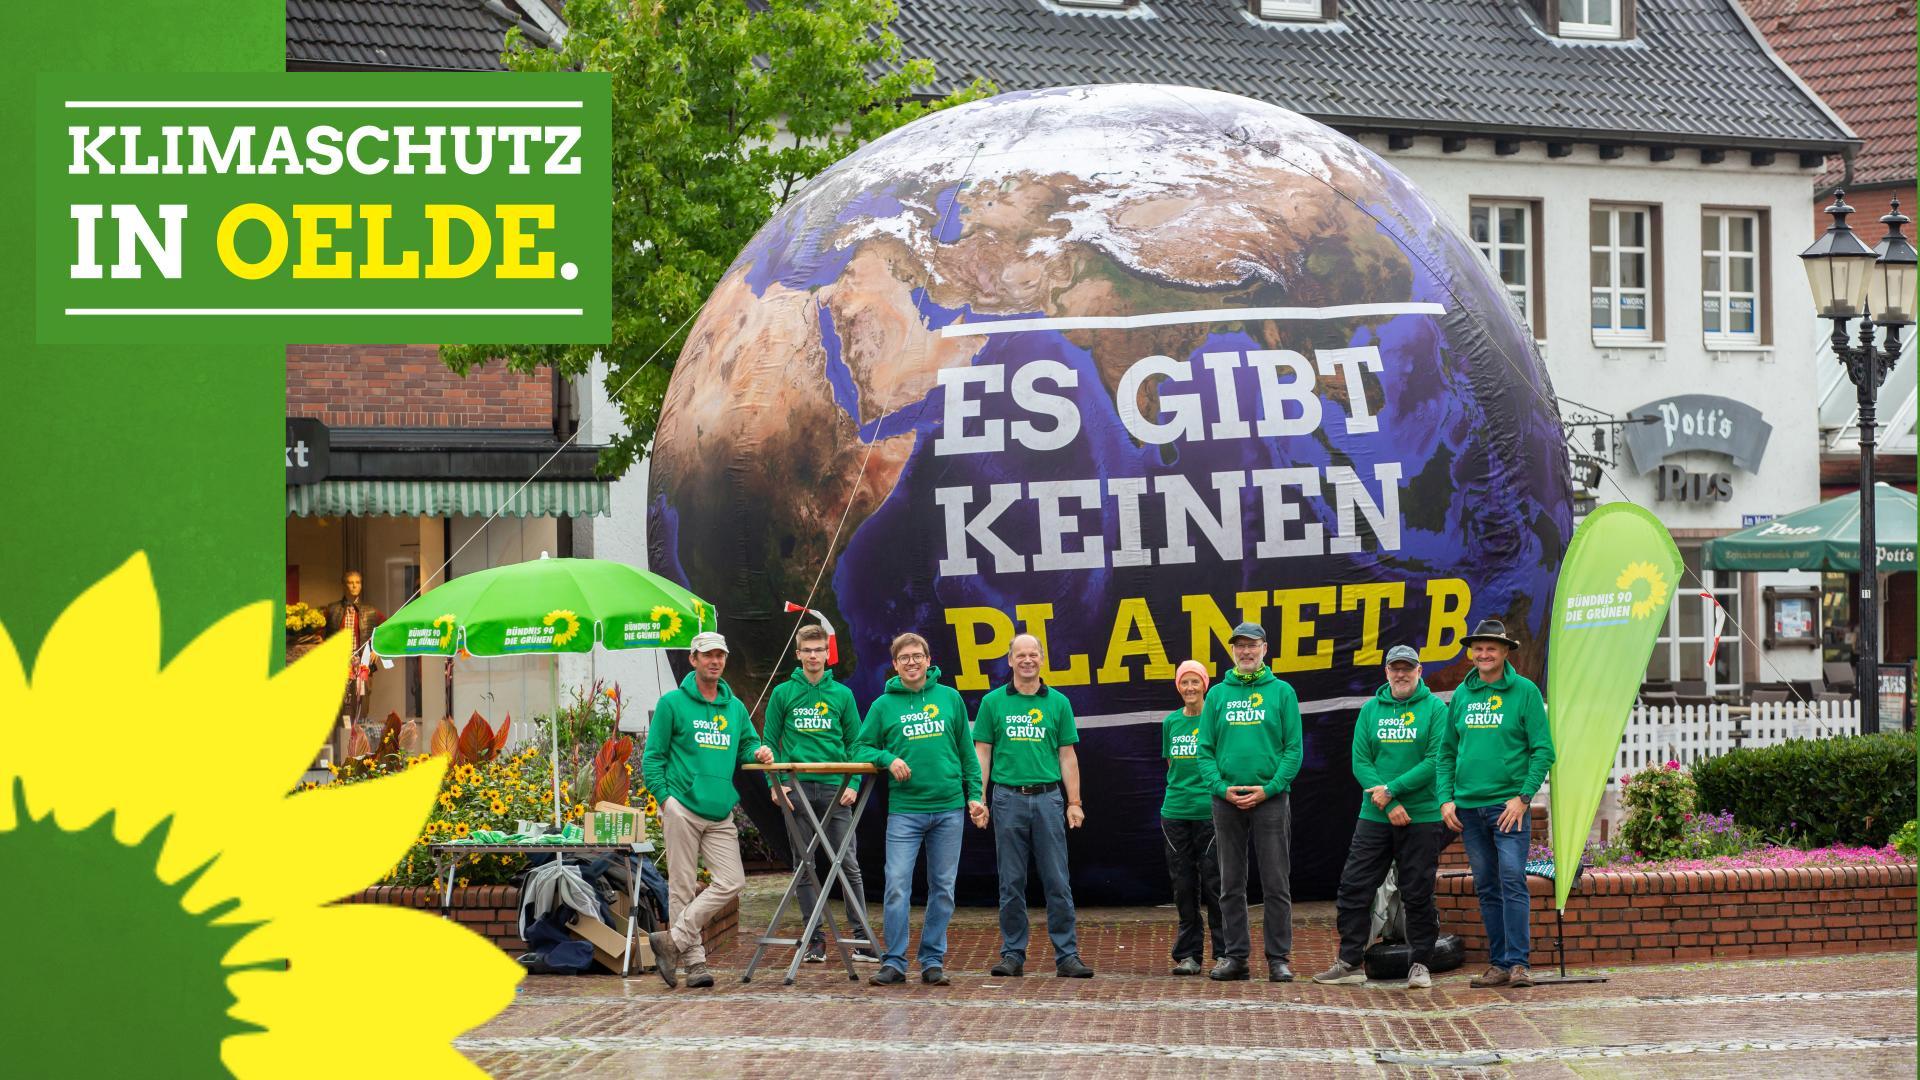 Klimaschutz Aktion in der Oelder Innenstadt